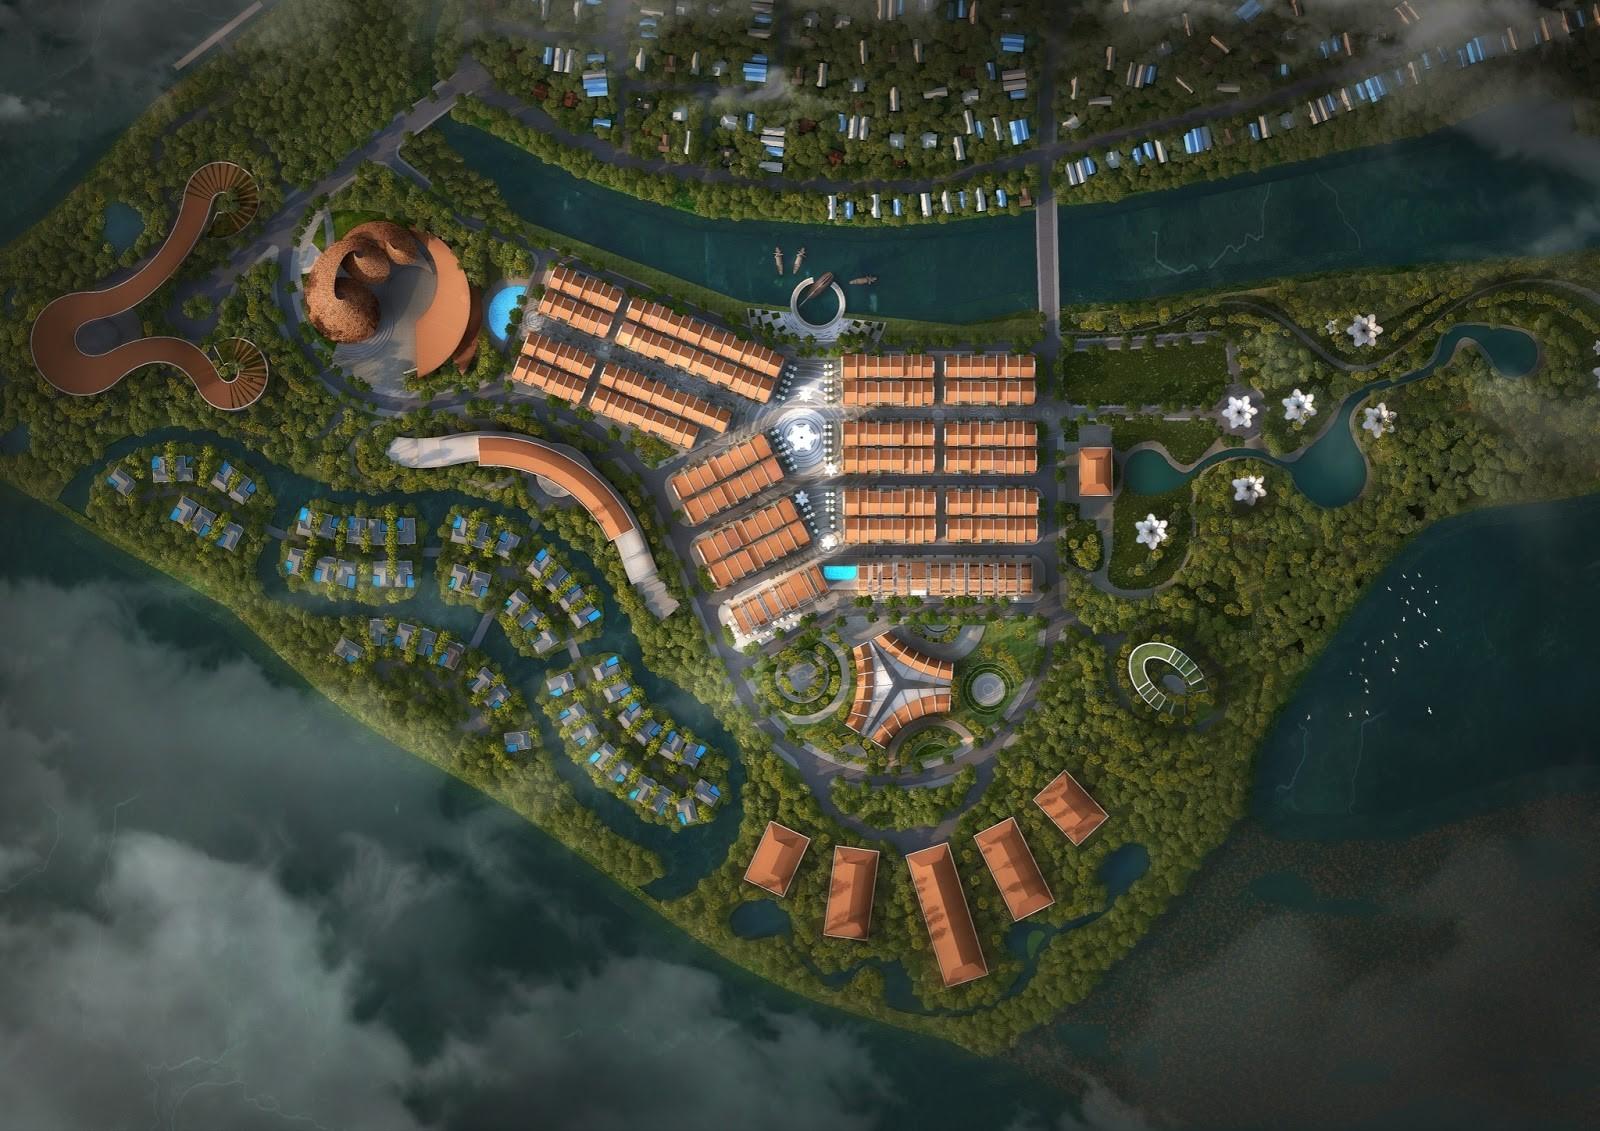 Phối cảnh tổng thể dự án Hoian d'Or nhìn từ trên cao. Ảnh: BCG Land.